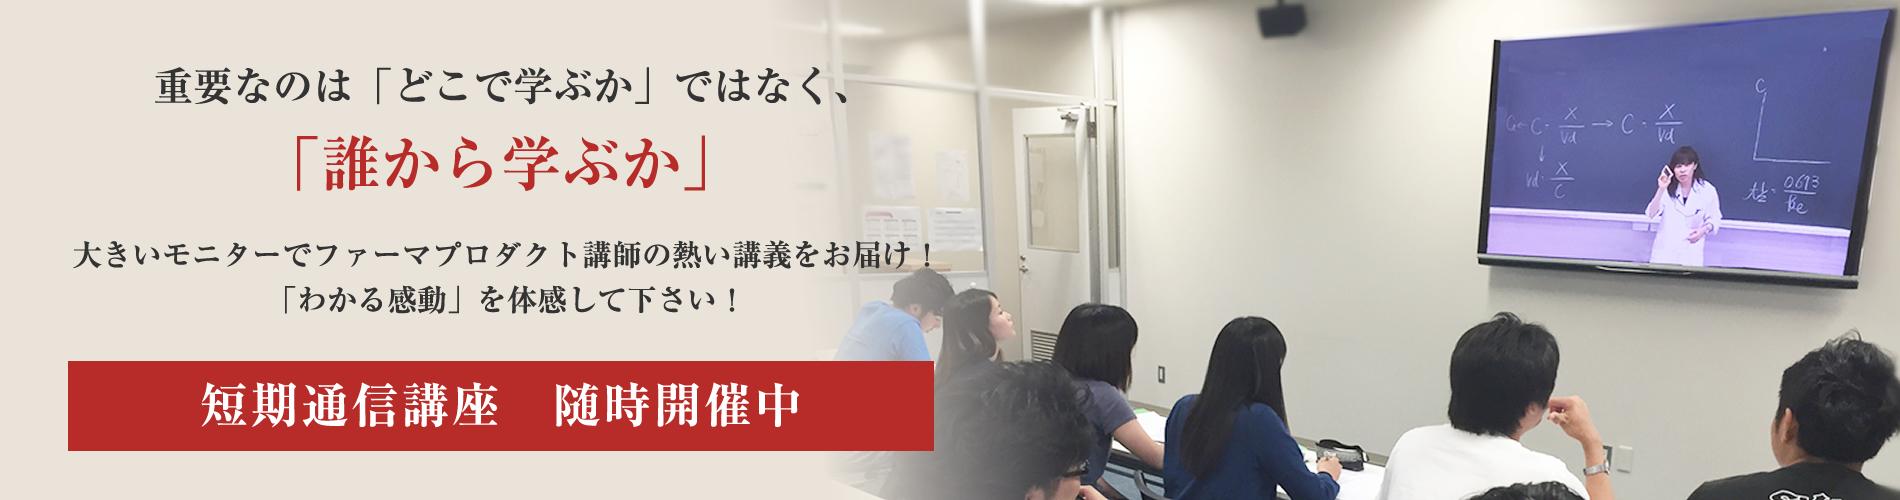 仙台ファーマ通信予備校コース紹介